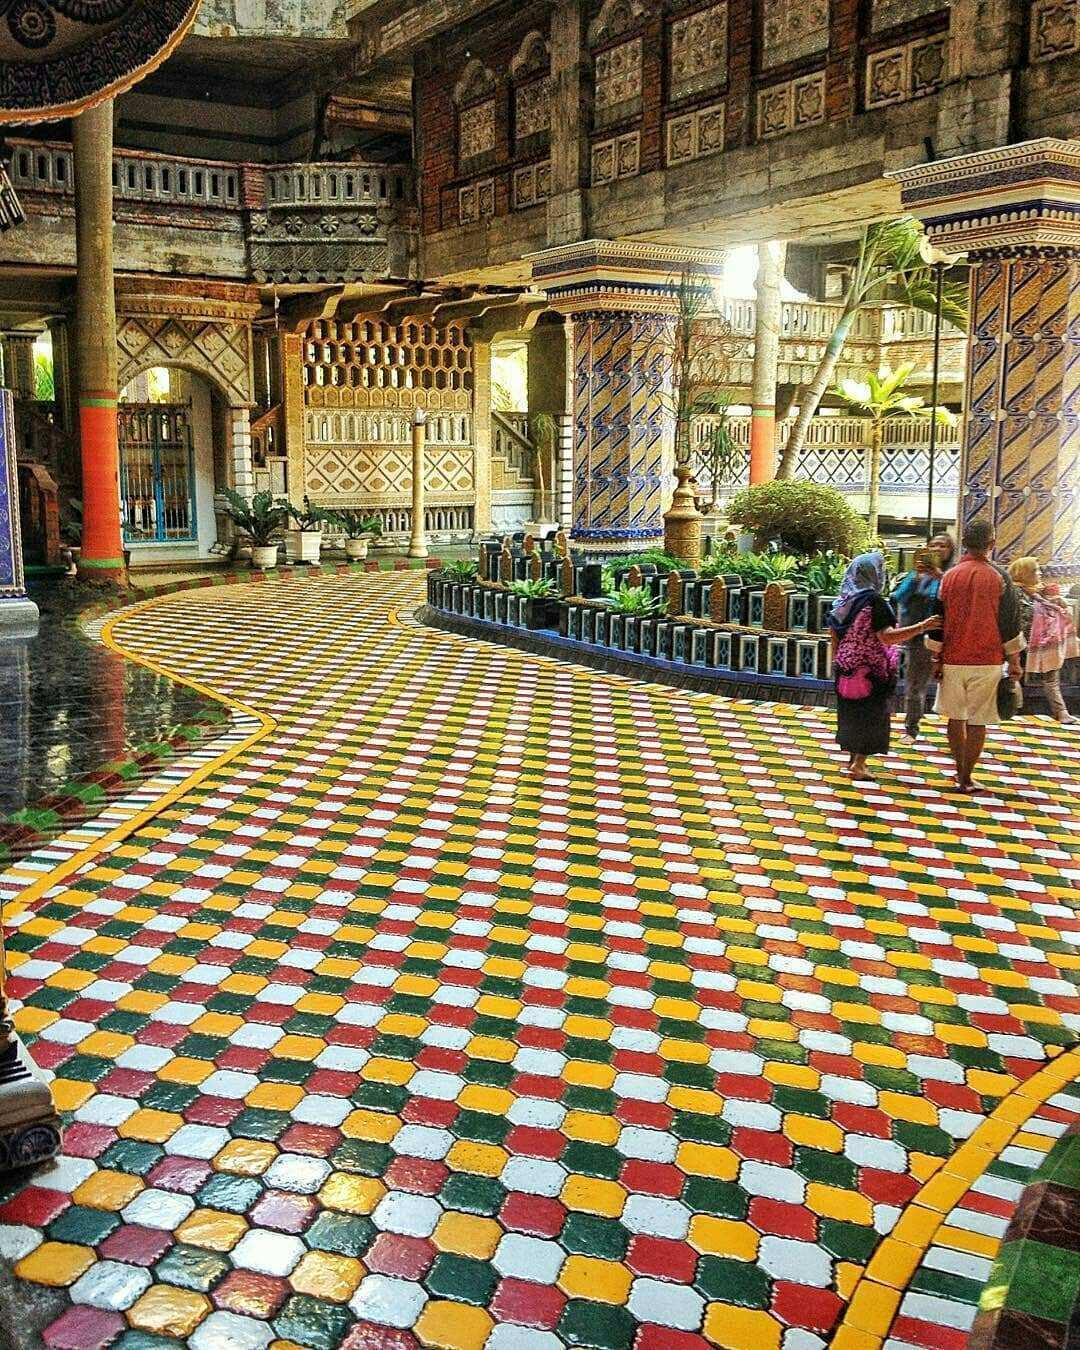 Suasana di Dalam Masjid Tiban Malang, Image From @novanandriyono